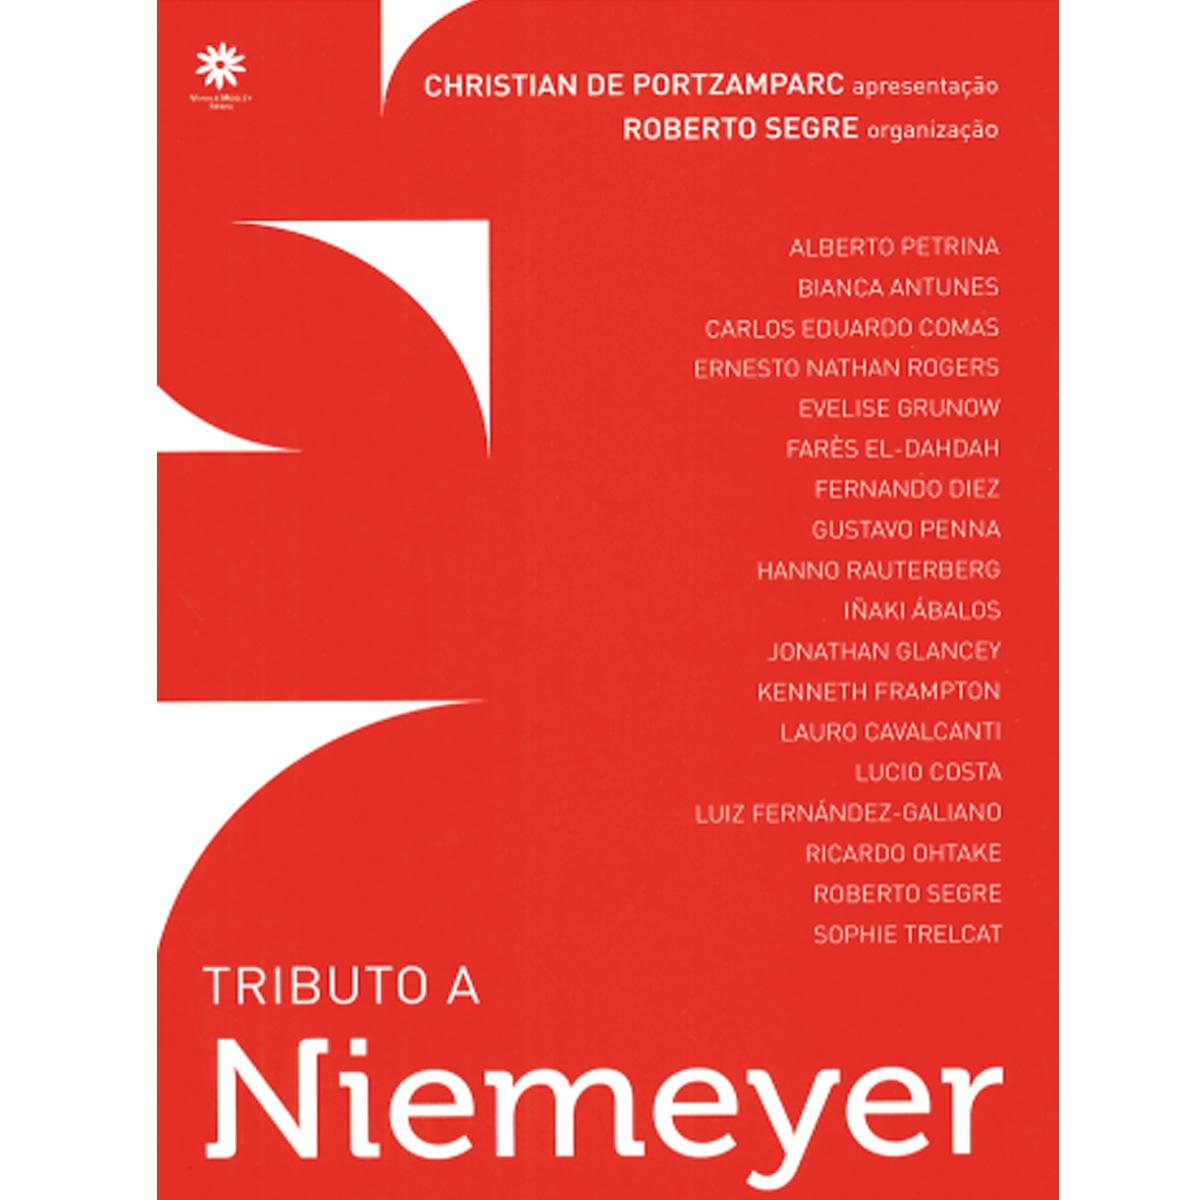 Tributo a Niemeyer